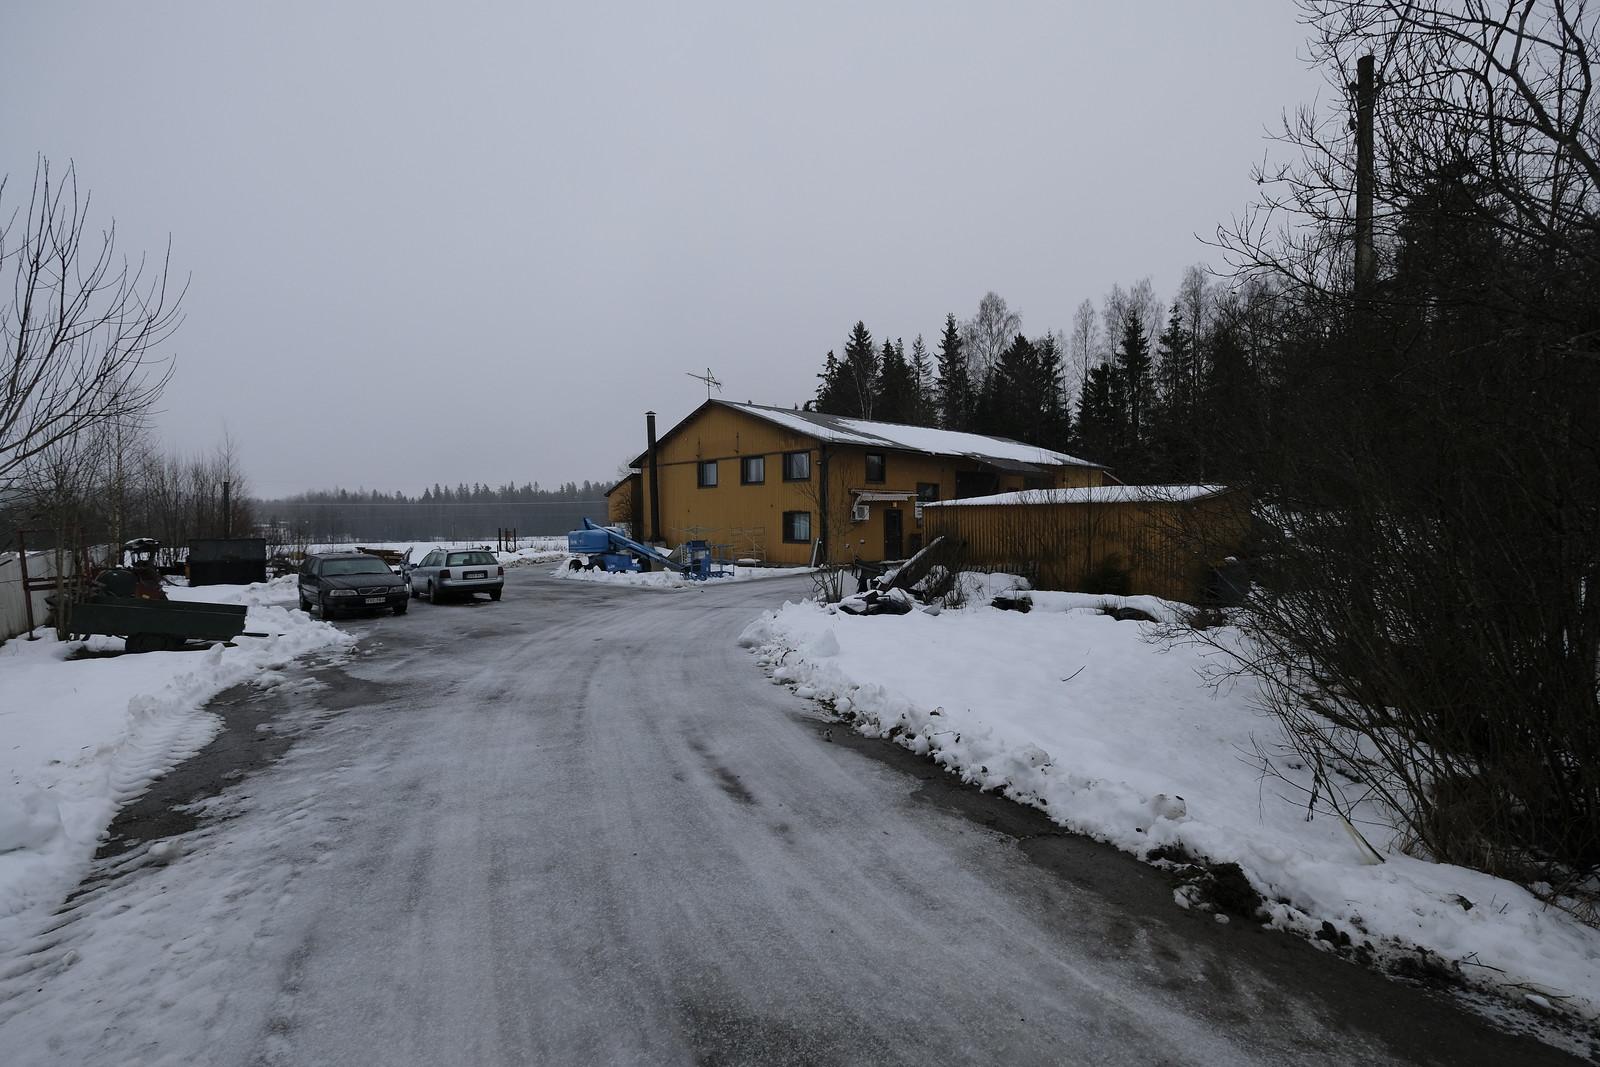 Toimitila, Vääräkoskentie 103, Vääräkoski, Myllylä, Keskusta, Orimattila